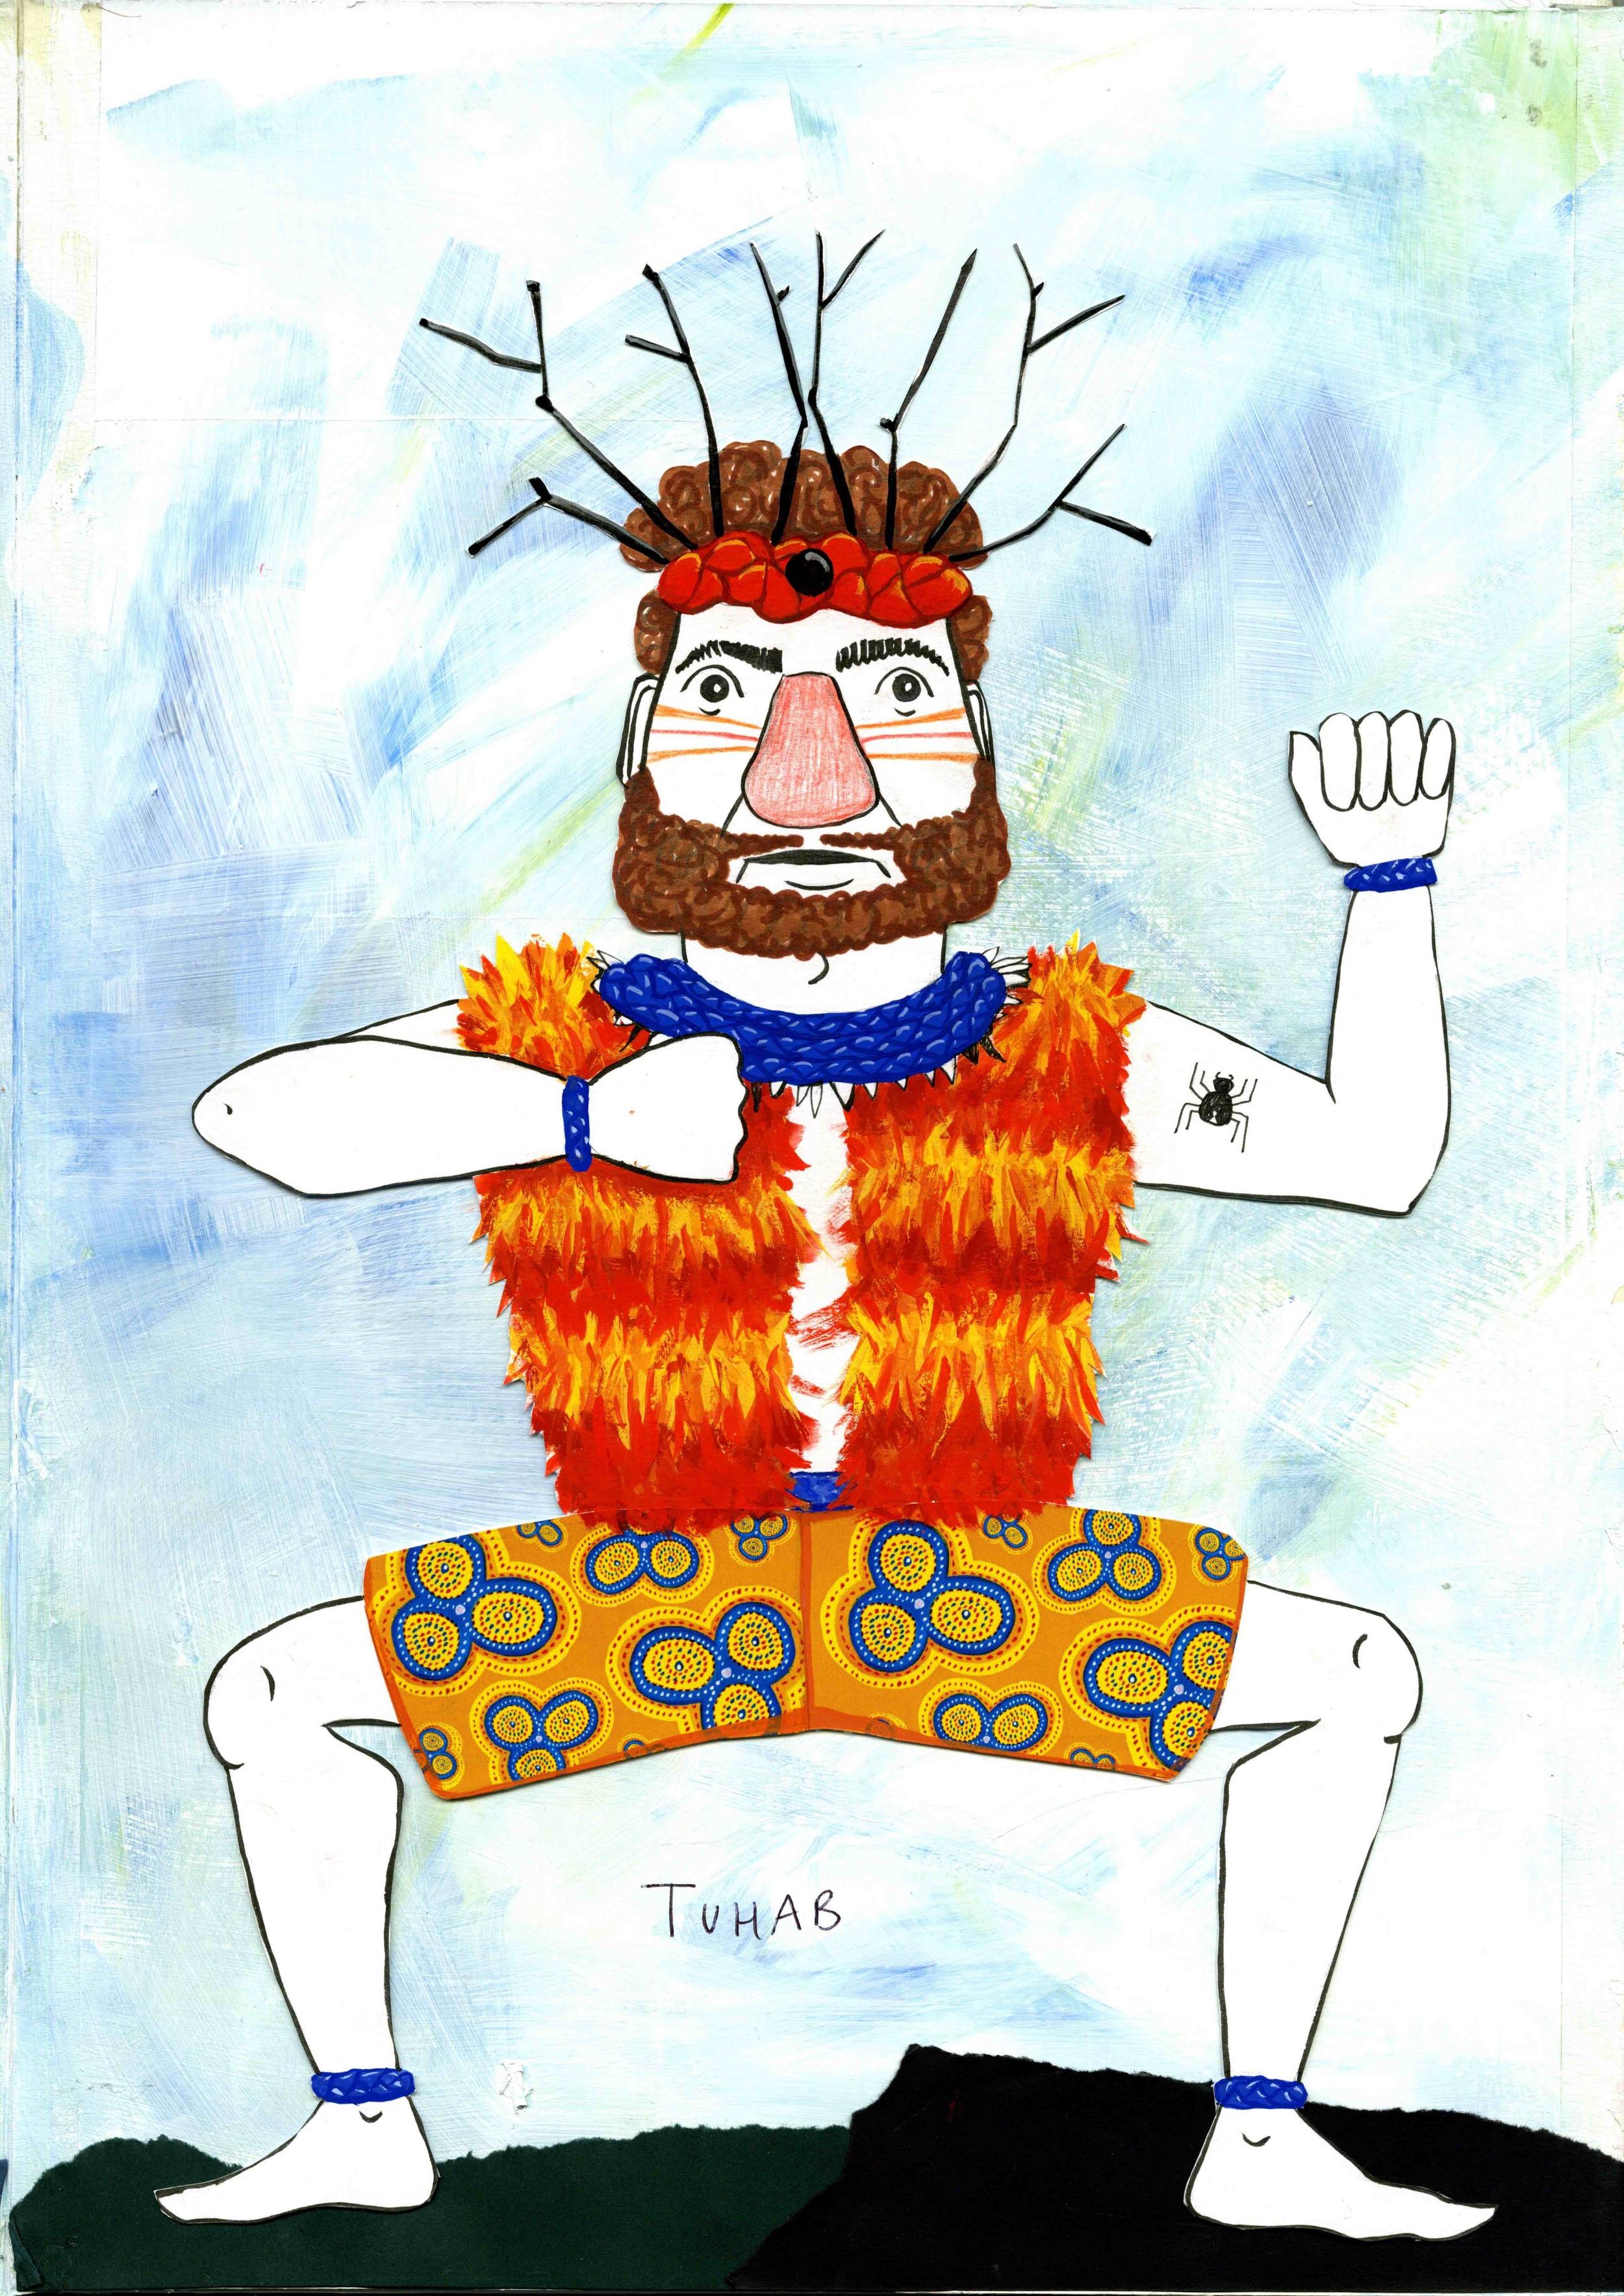 Tuhab